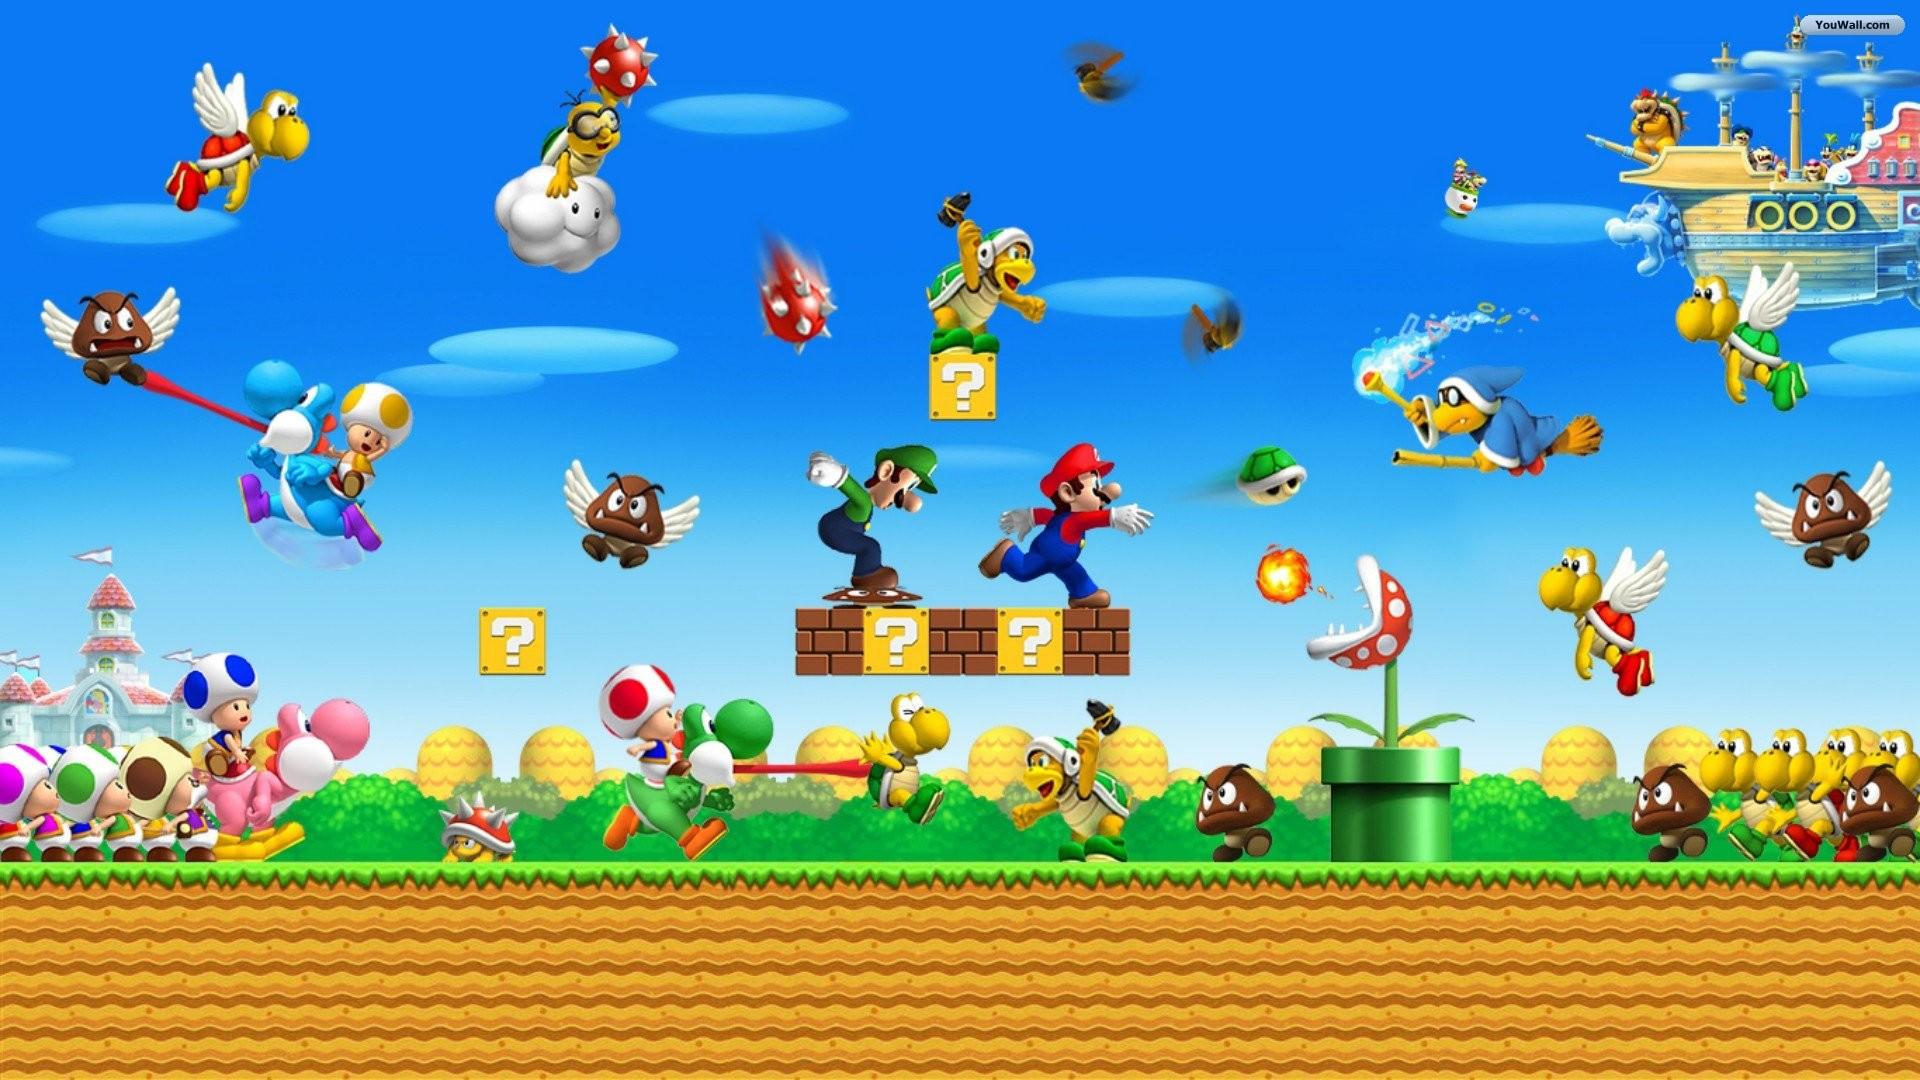 Mario super mario super mario world bullet bill super nintendo | HD  Wallpapers | Pinterest | Bullet, Hd wallpaper and Wallpaper